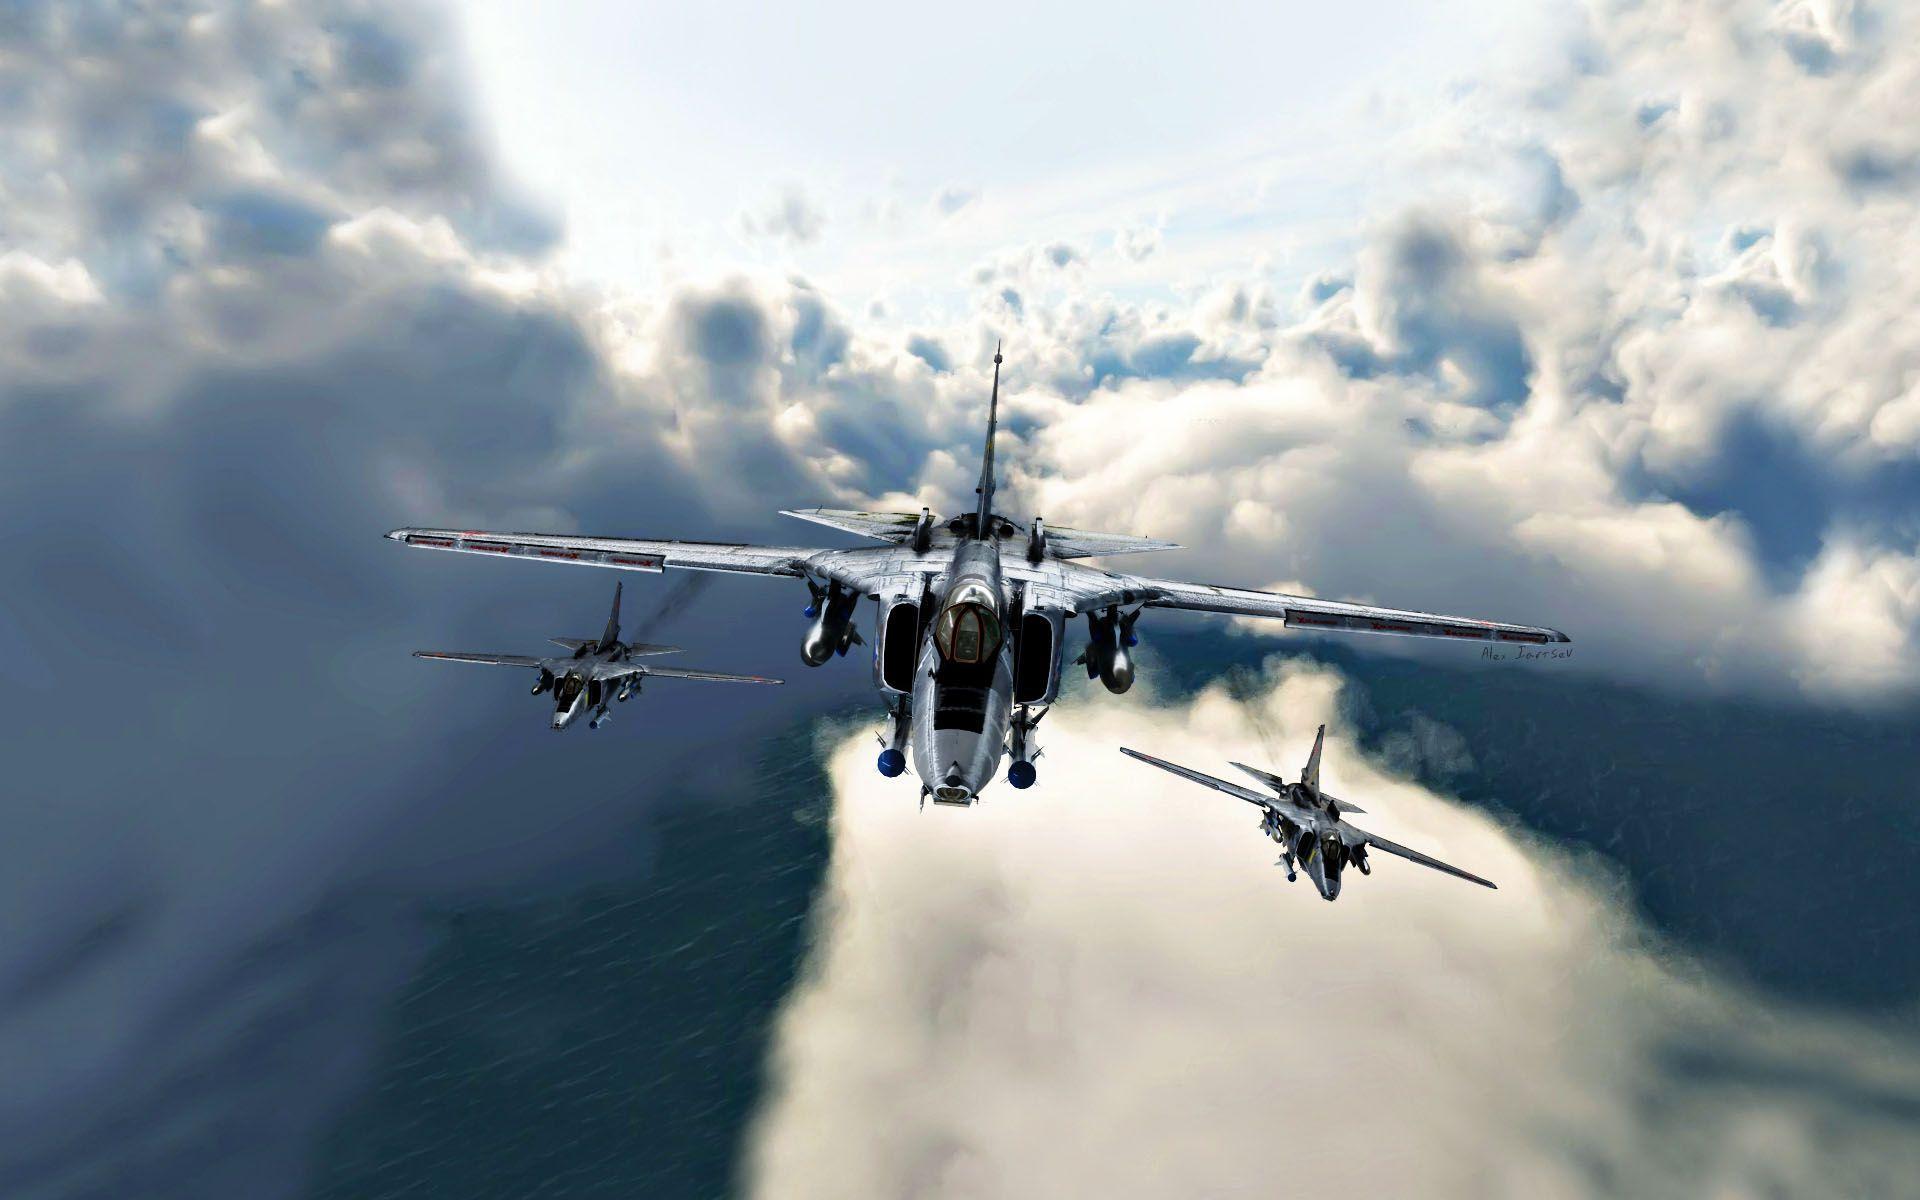 Fighter Jet Wallpaper   Data-src /full/824218 - Fighter Plane On Sky , HD Wallpaper & Backgrounds